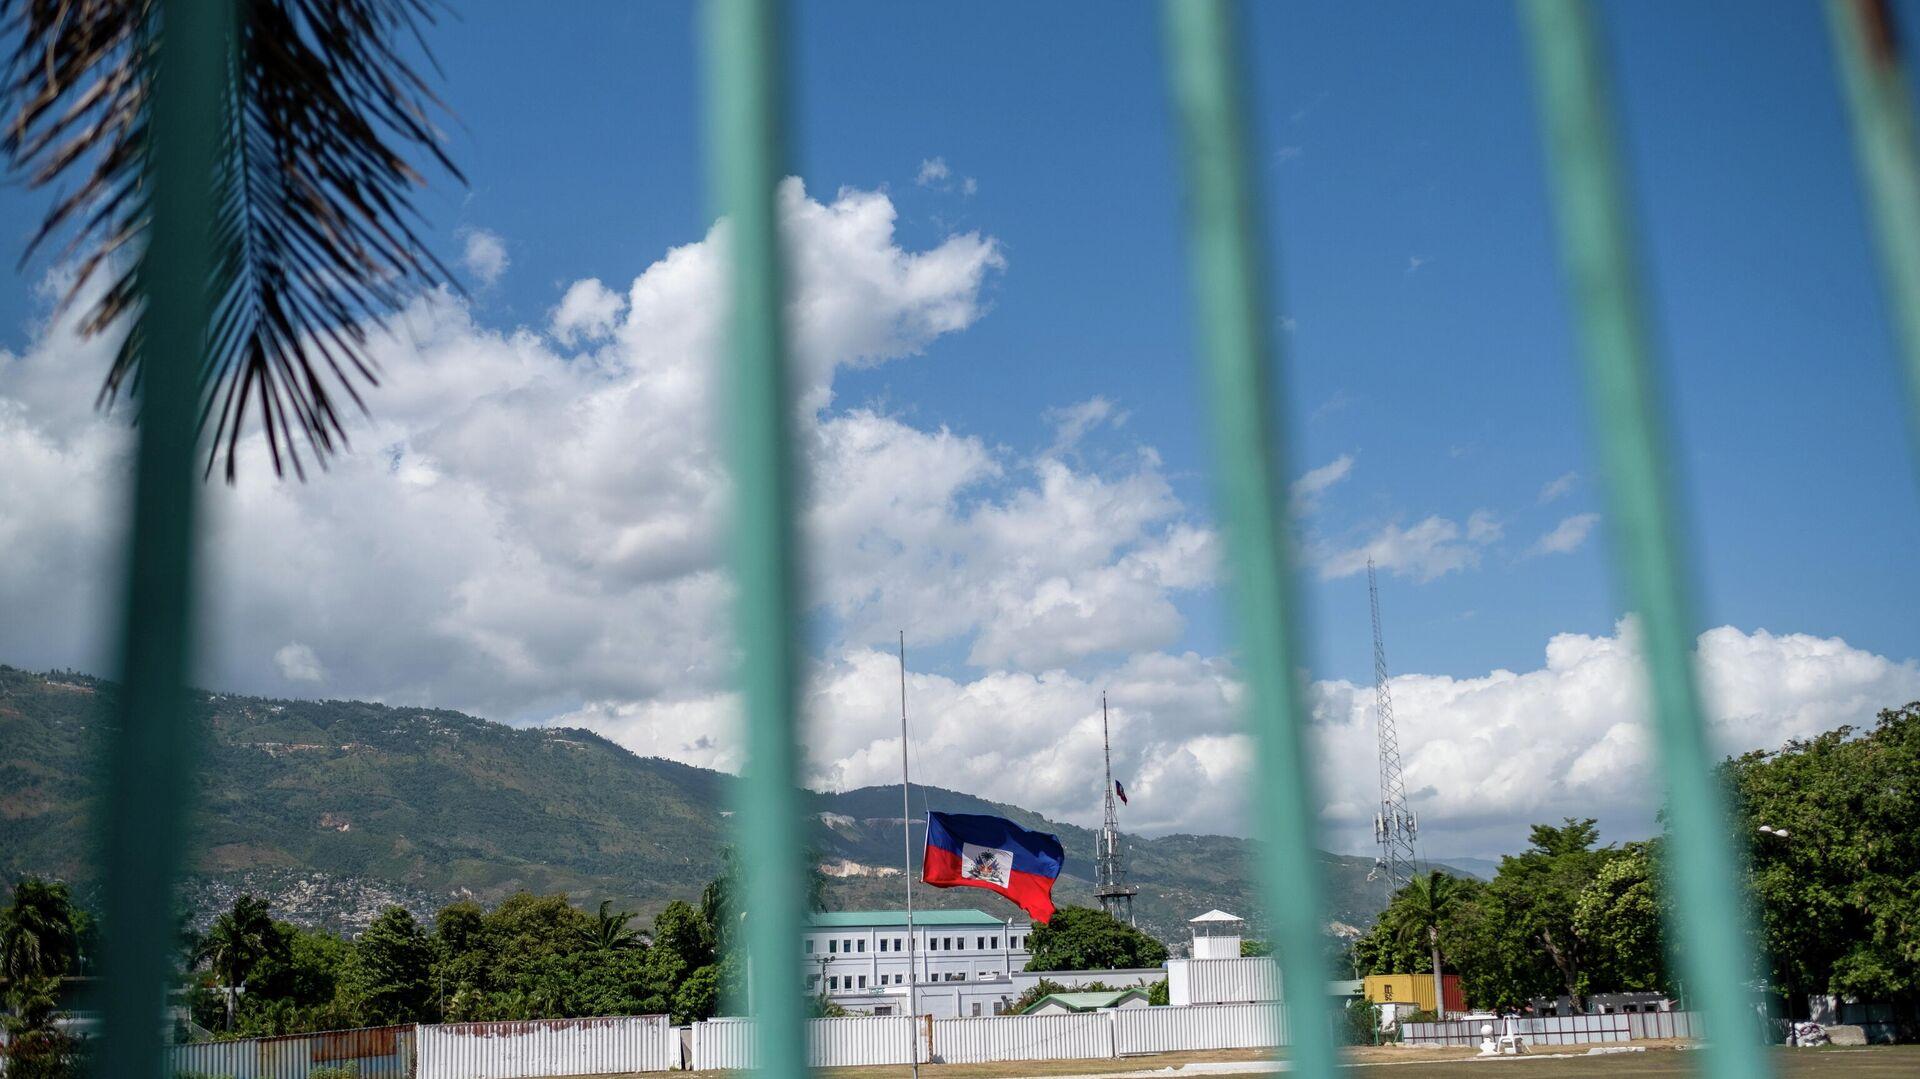 La bandera nacional de Haití  - Sputnik Mundo, 1920, 27.07.2021